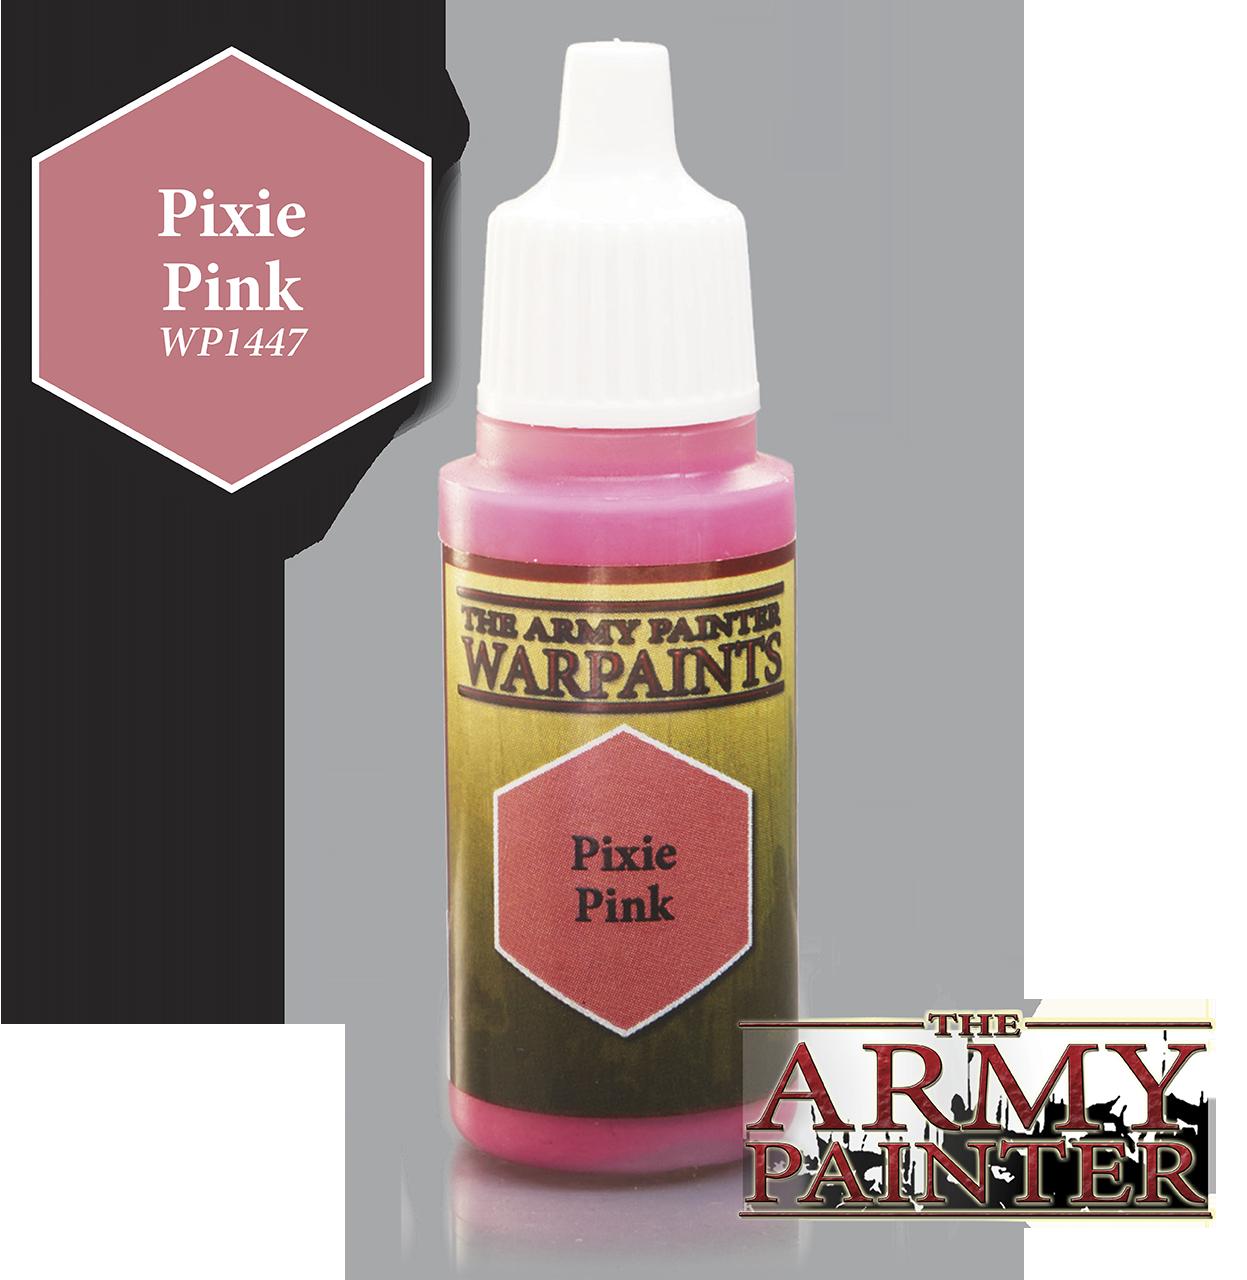 Pixie Pink - Army Painter Warpaints WP1447